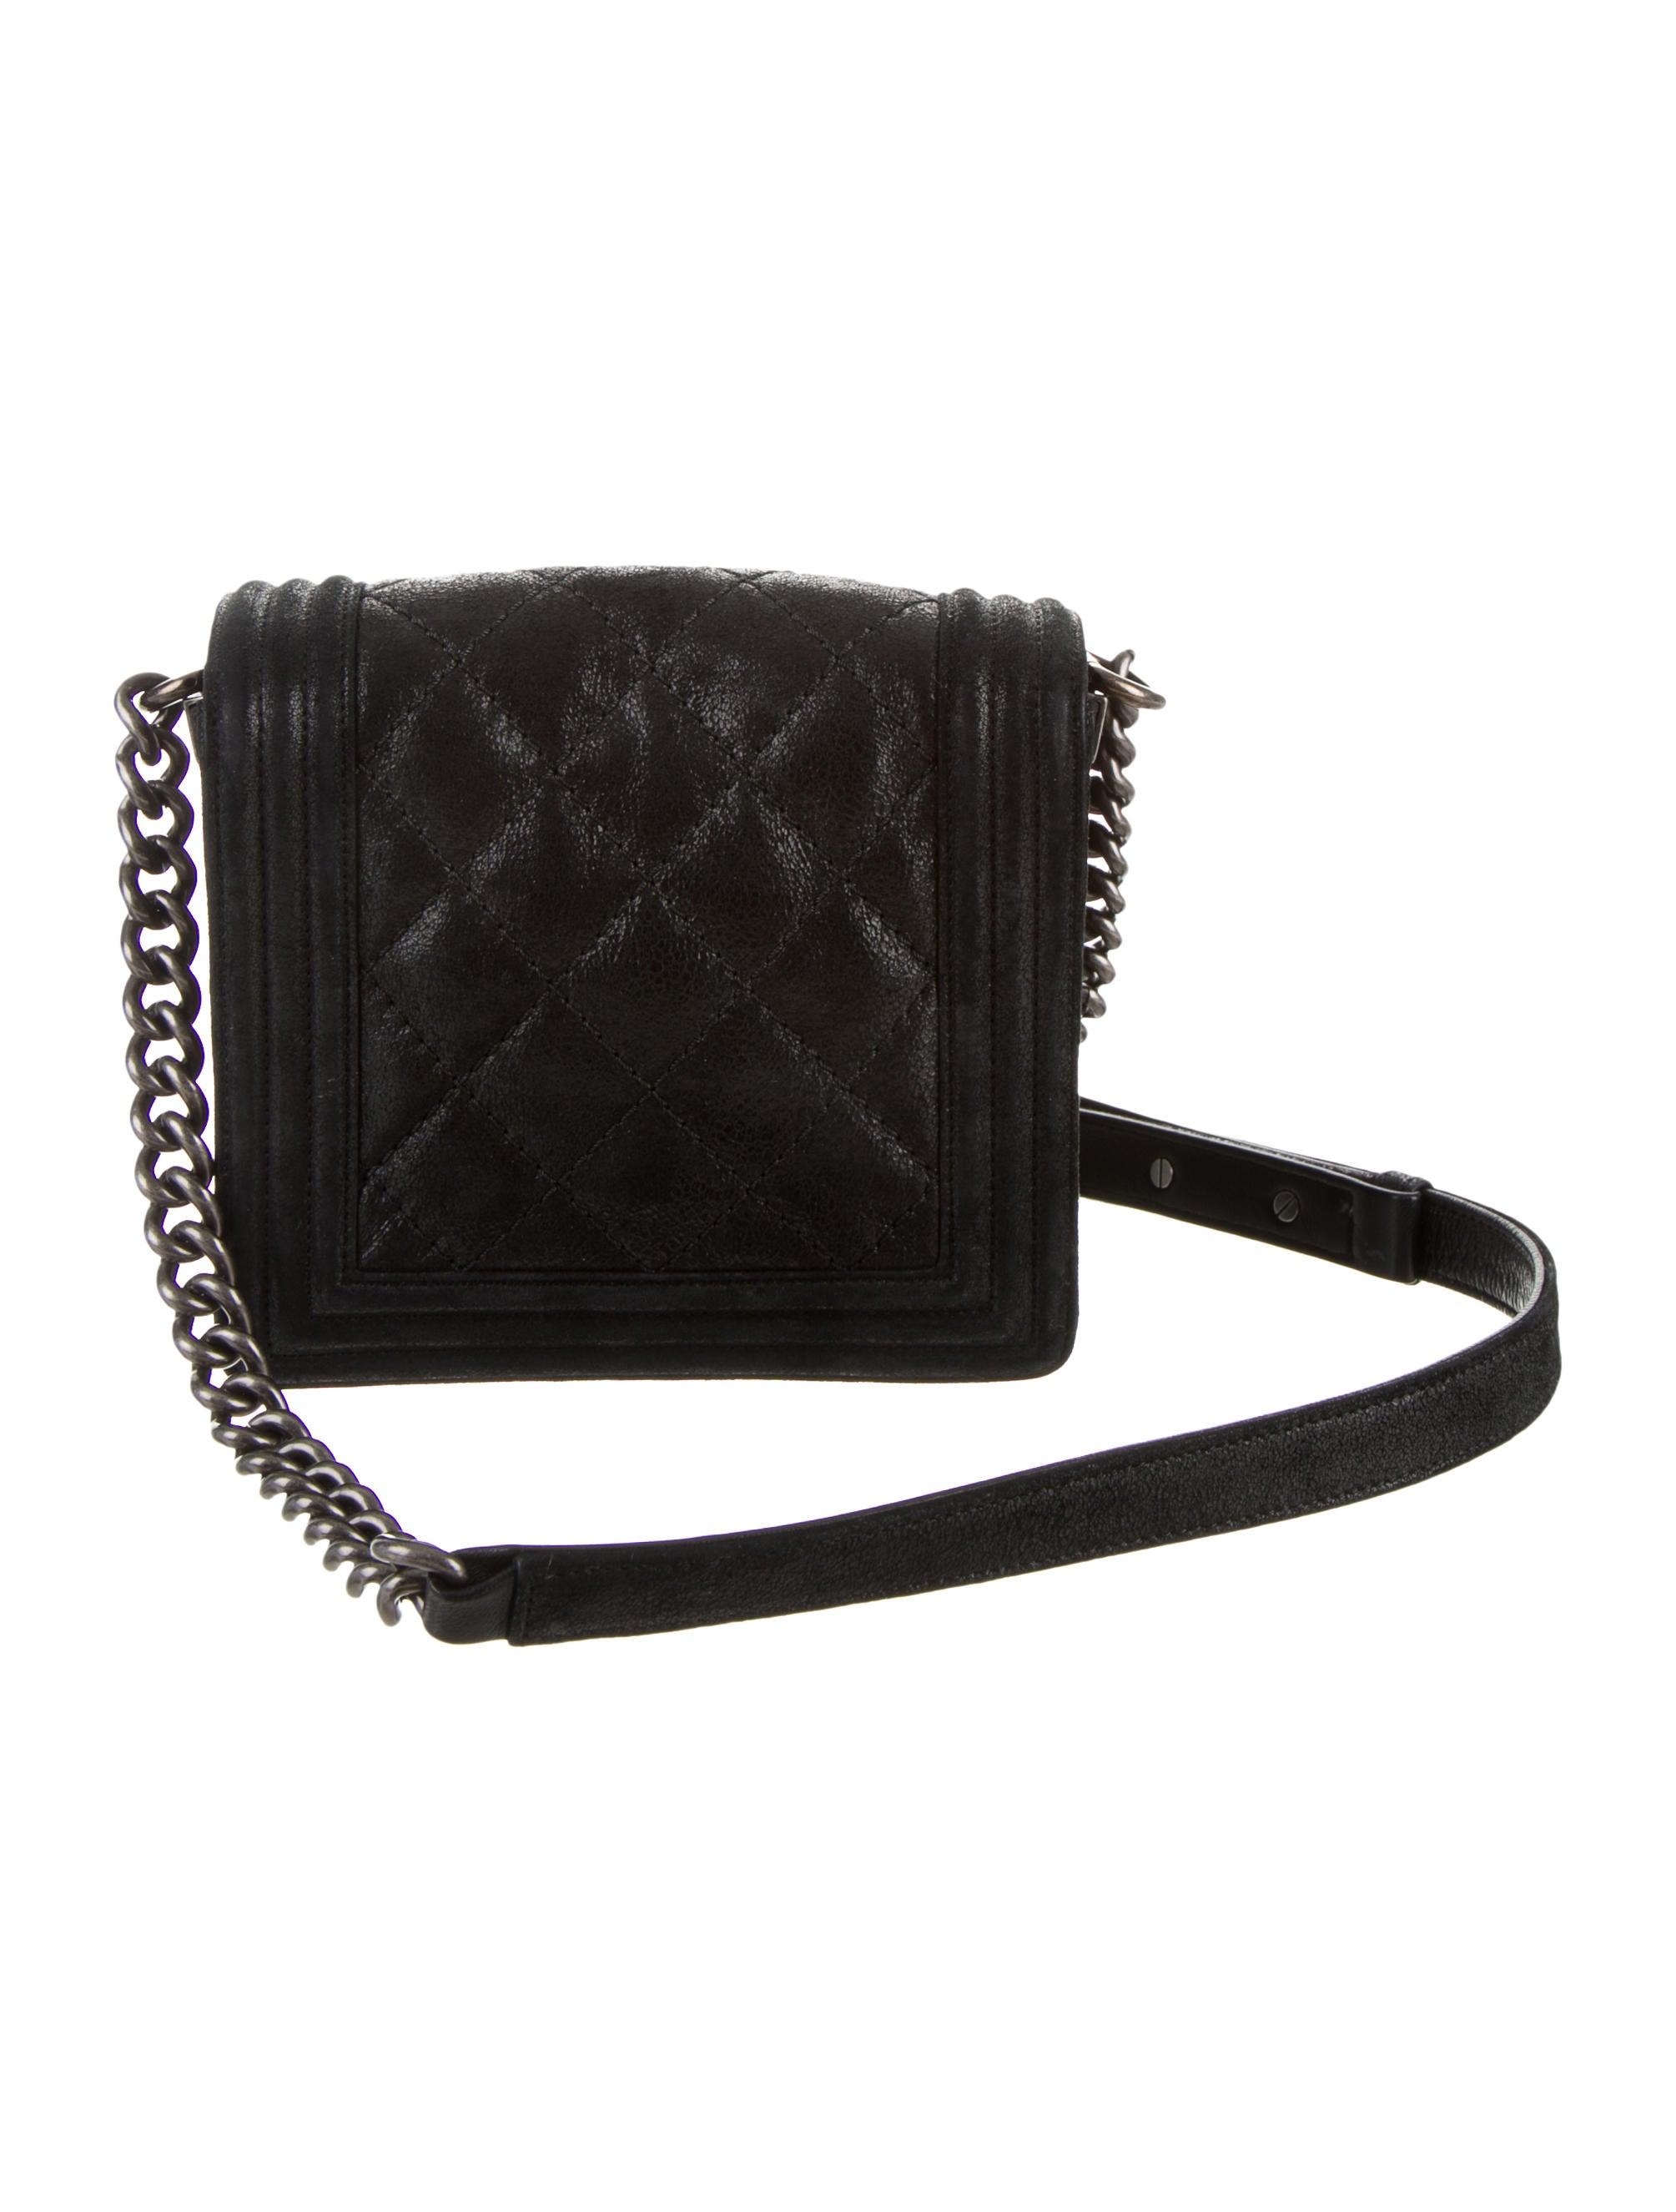 Chanel Gentle Small Square Boy Bag Handbags Cha102594